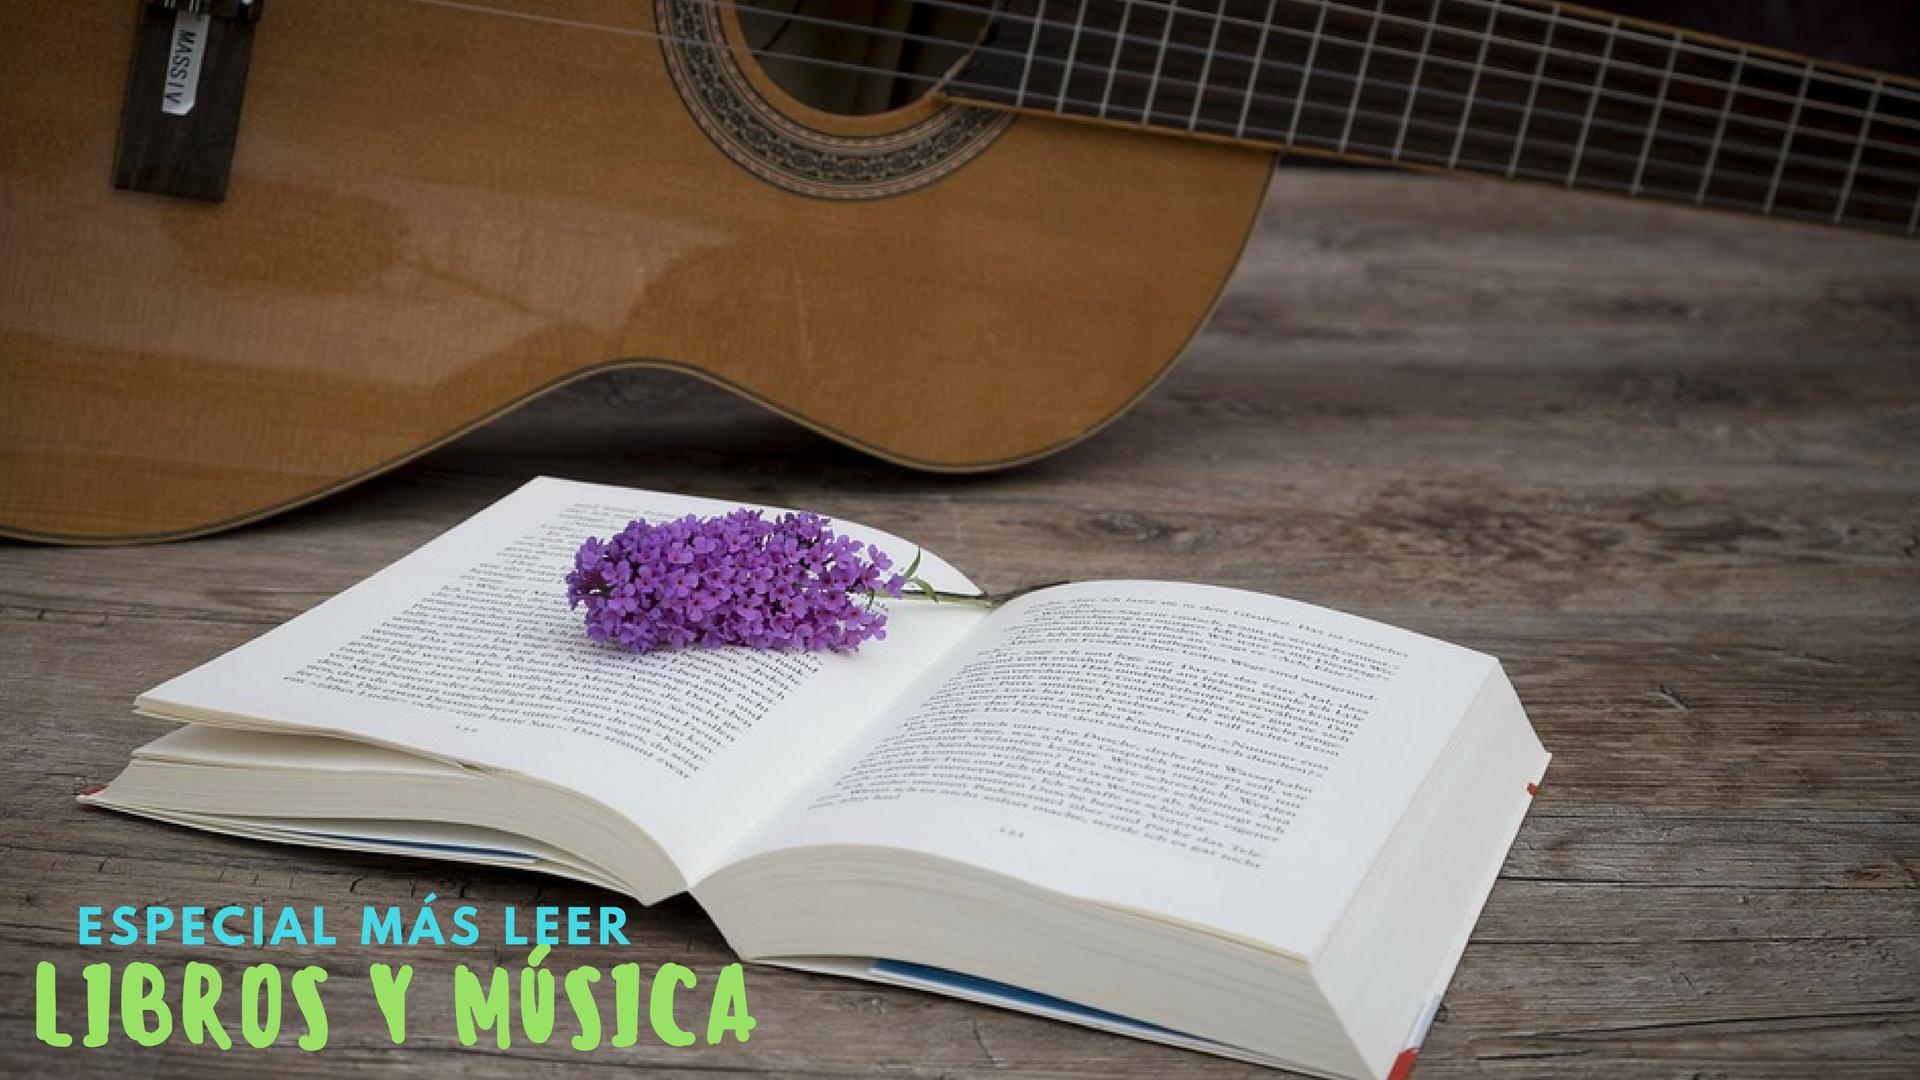 especial-mas-leer-libros-y-musica